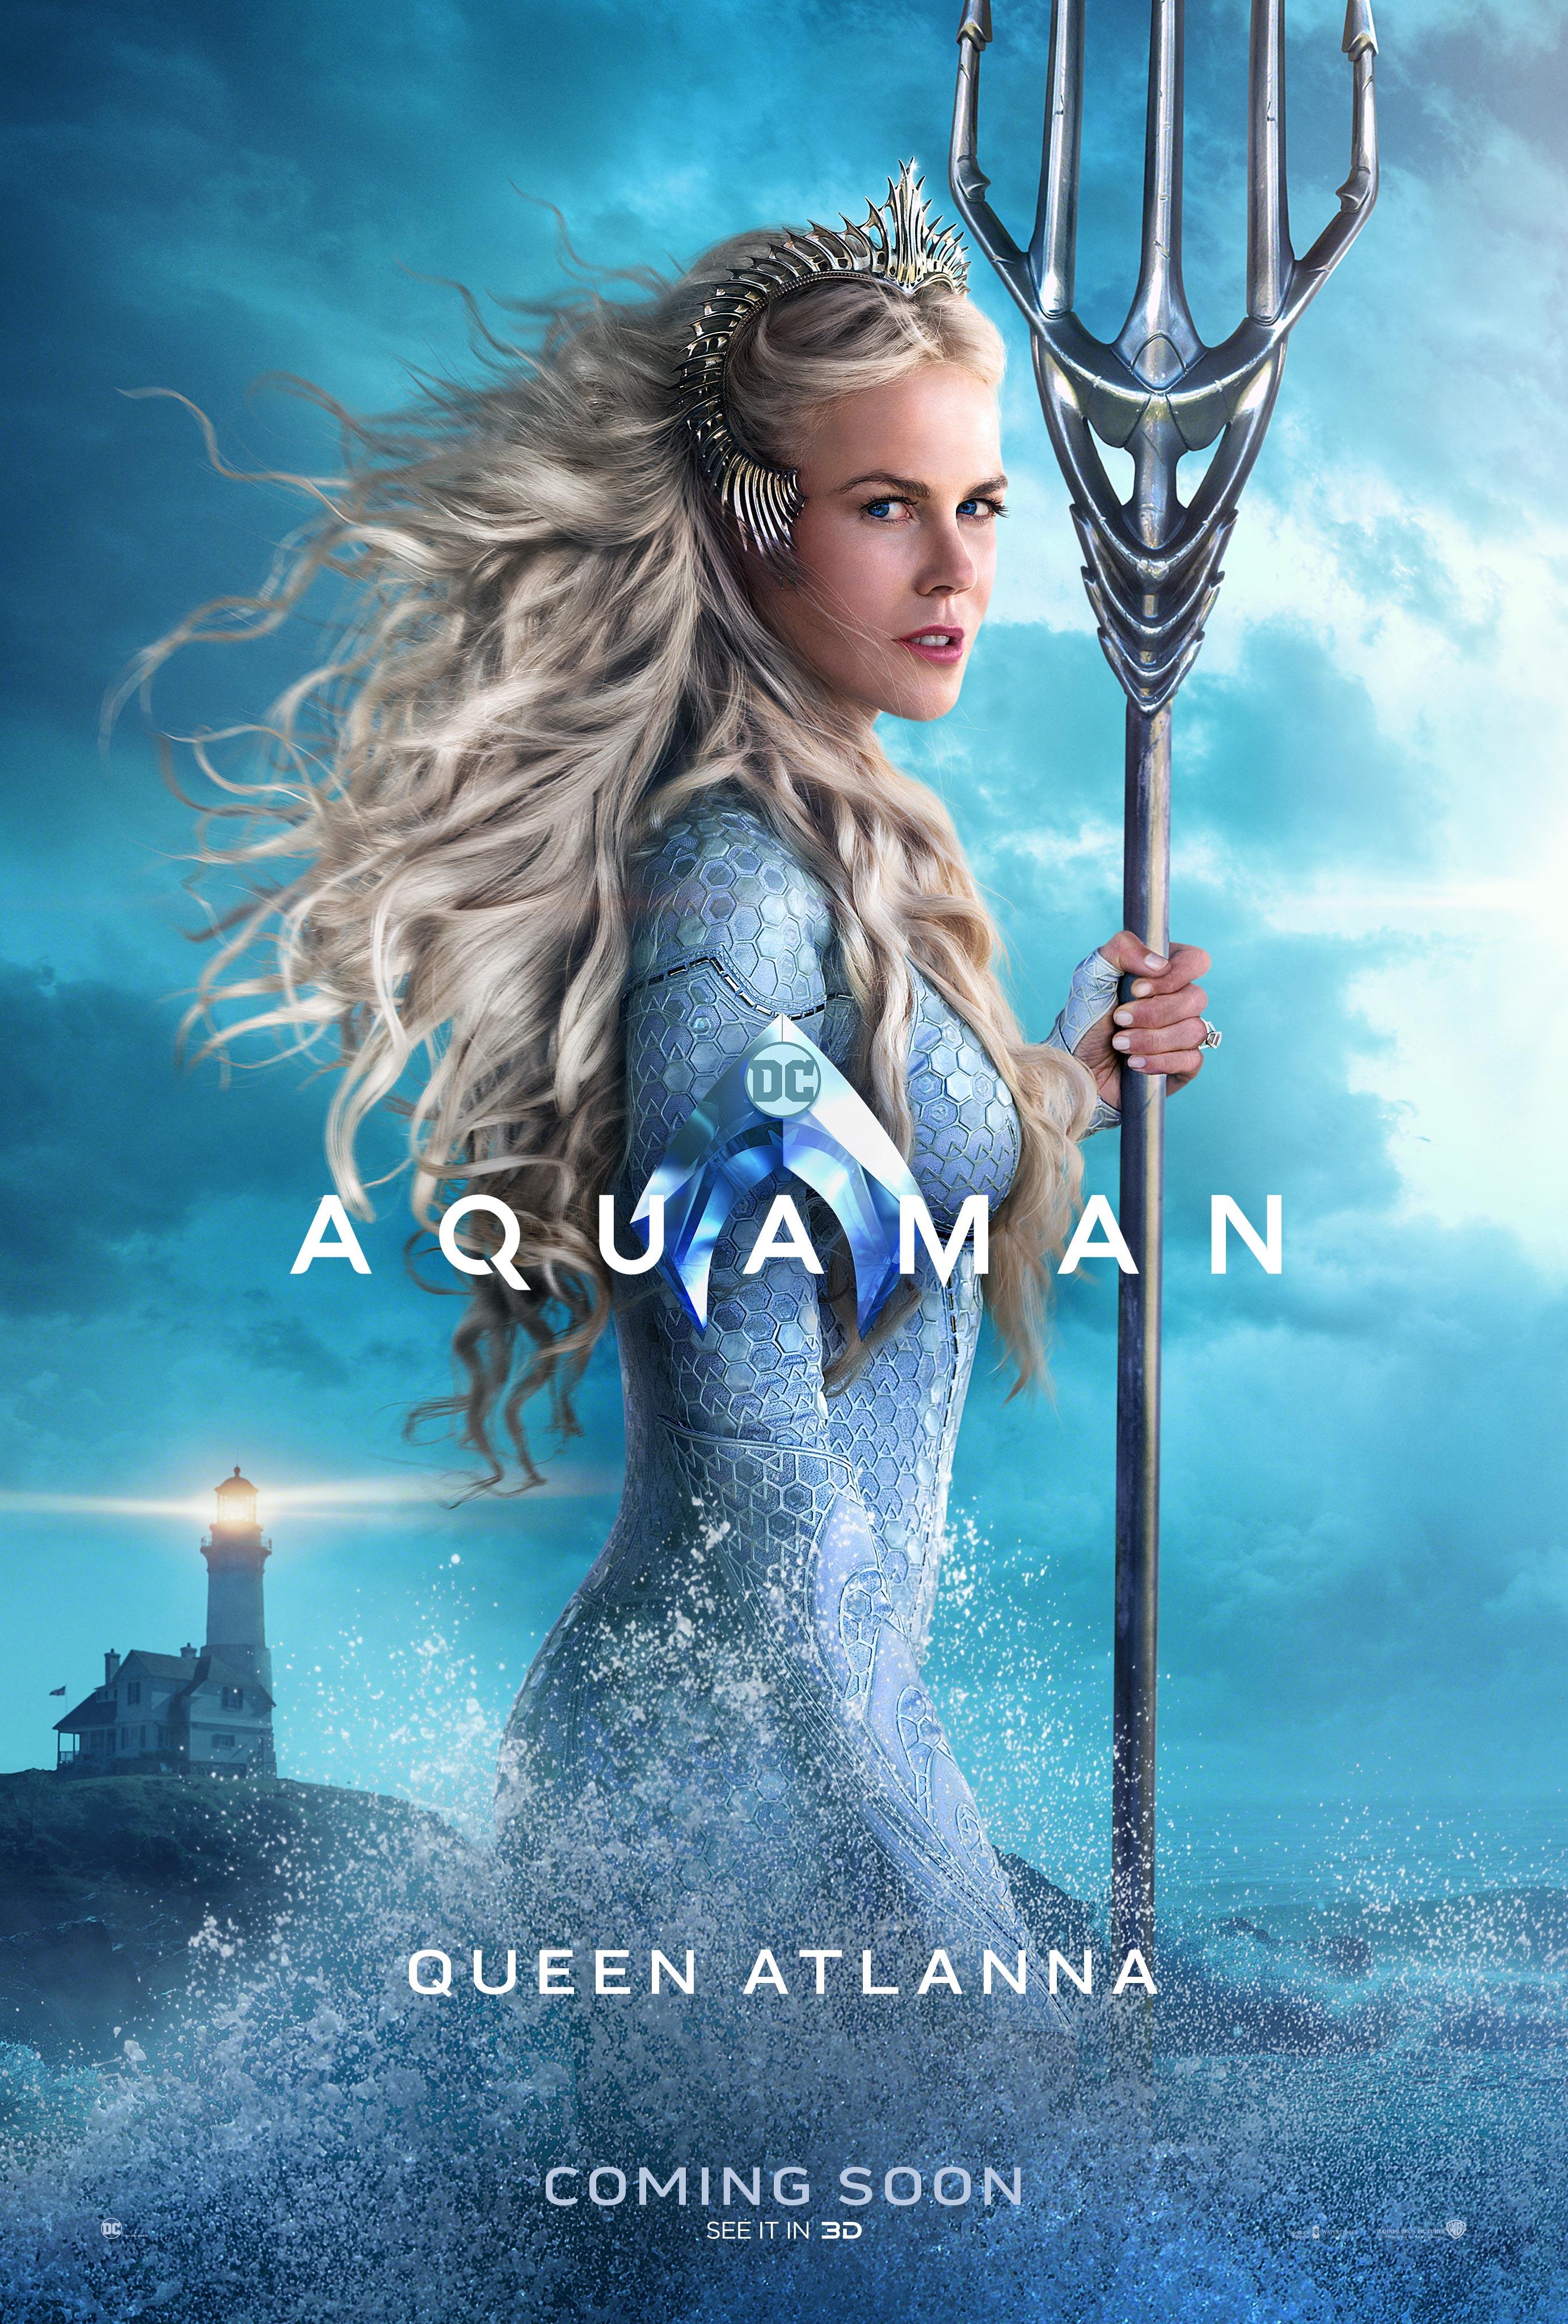 THE QUEEN. Nicole Kidman is Atlanna.